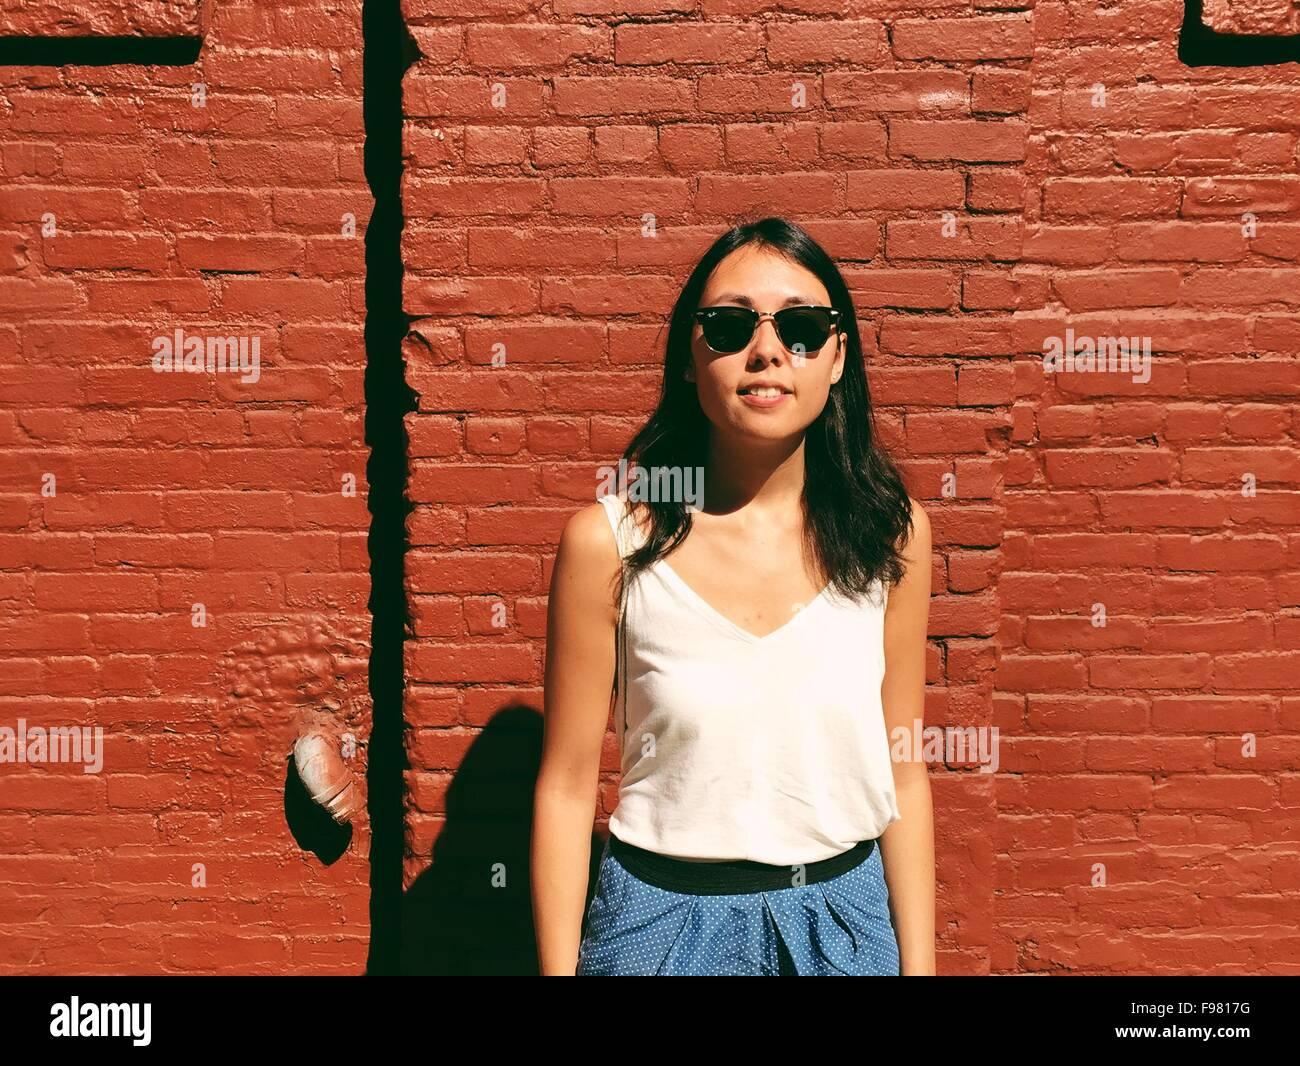 Ritratto di giovane e bella donna in piedi contro rosso muro di mattoni Immagini Stock